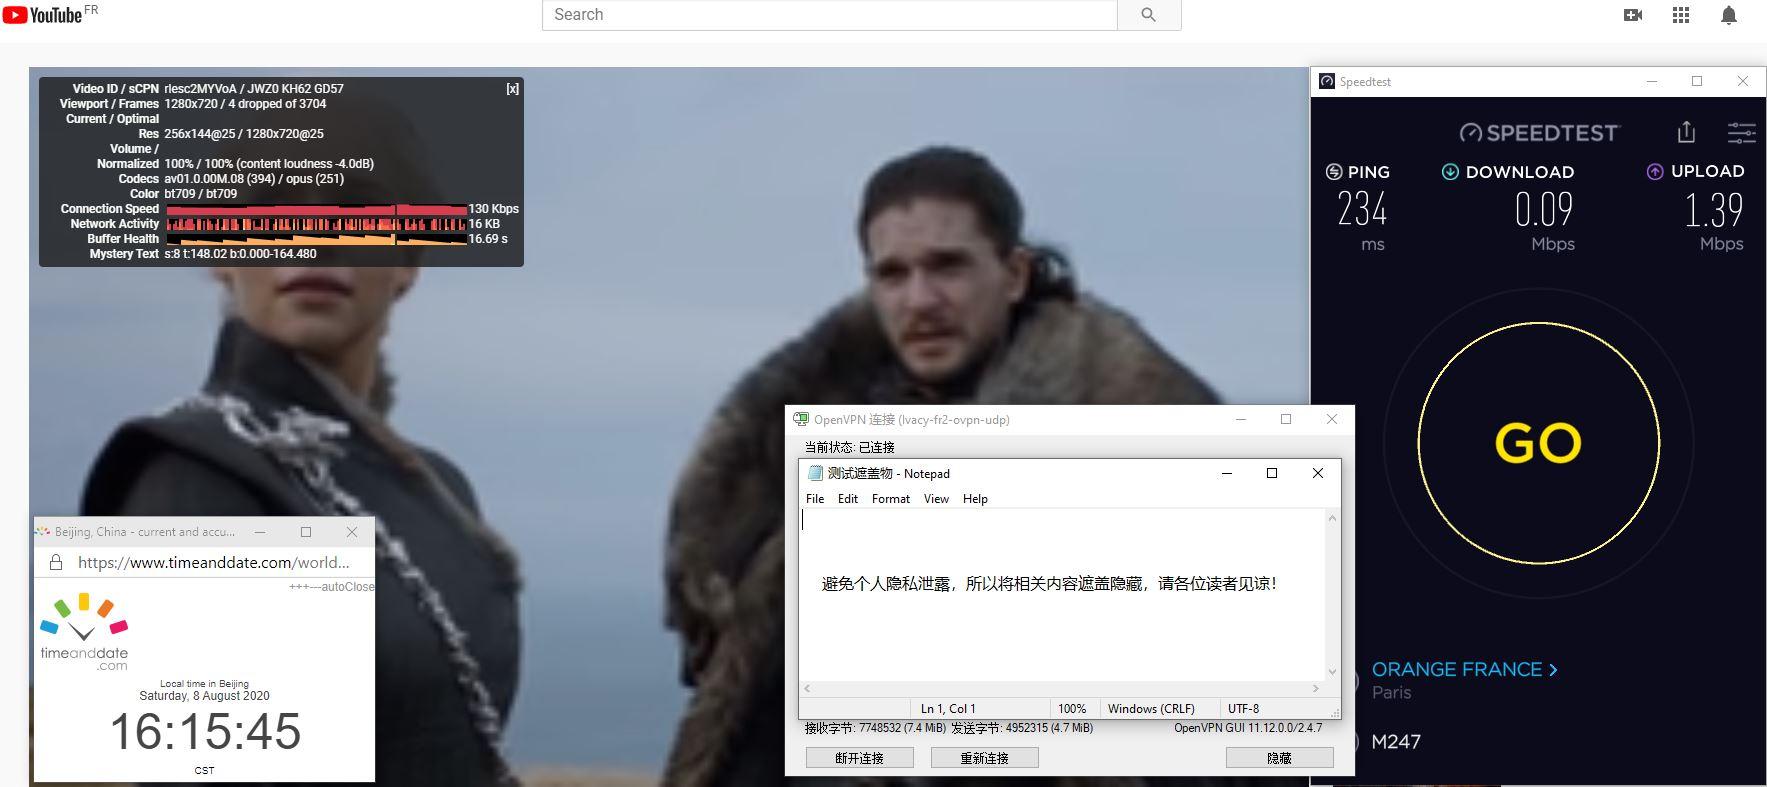 Windows10 IvacyVPN OpenVPN GUI fr2 中国VPN 翻墙 科学上网 翻墙速度测试 - 20200808